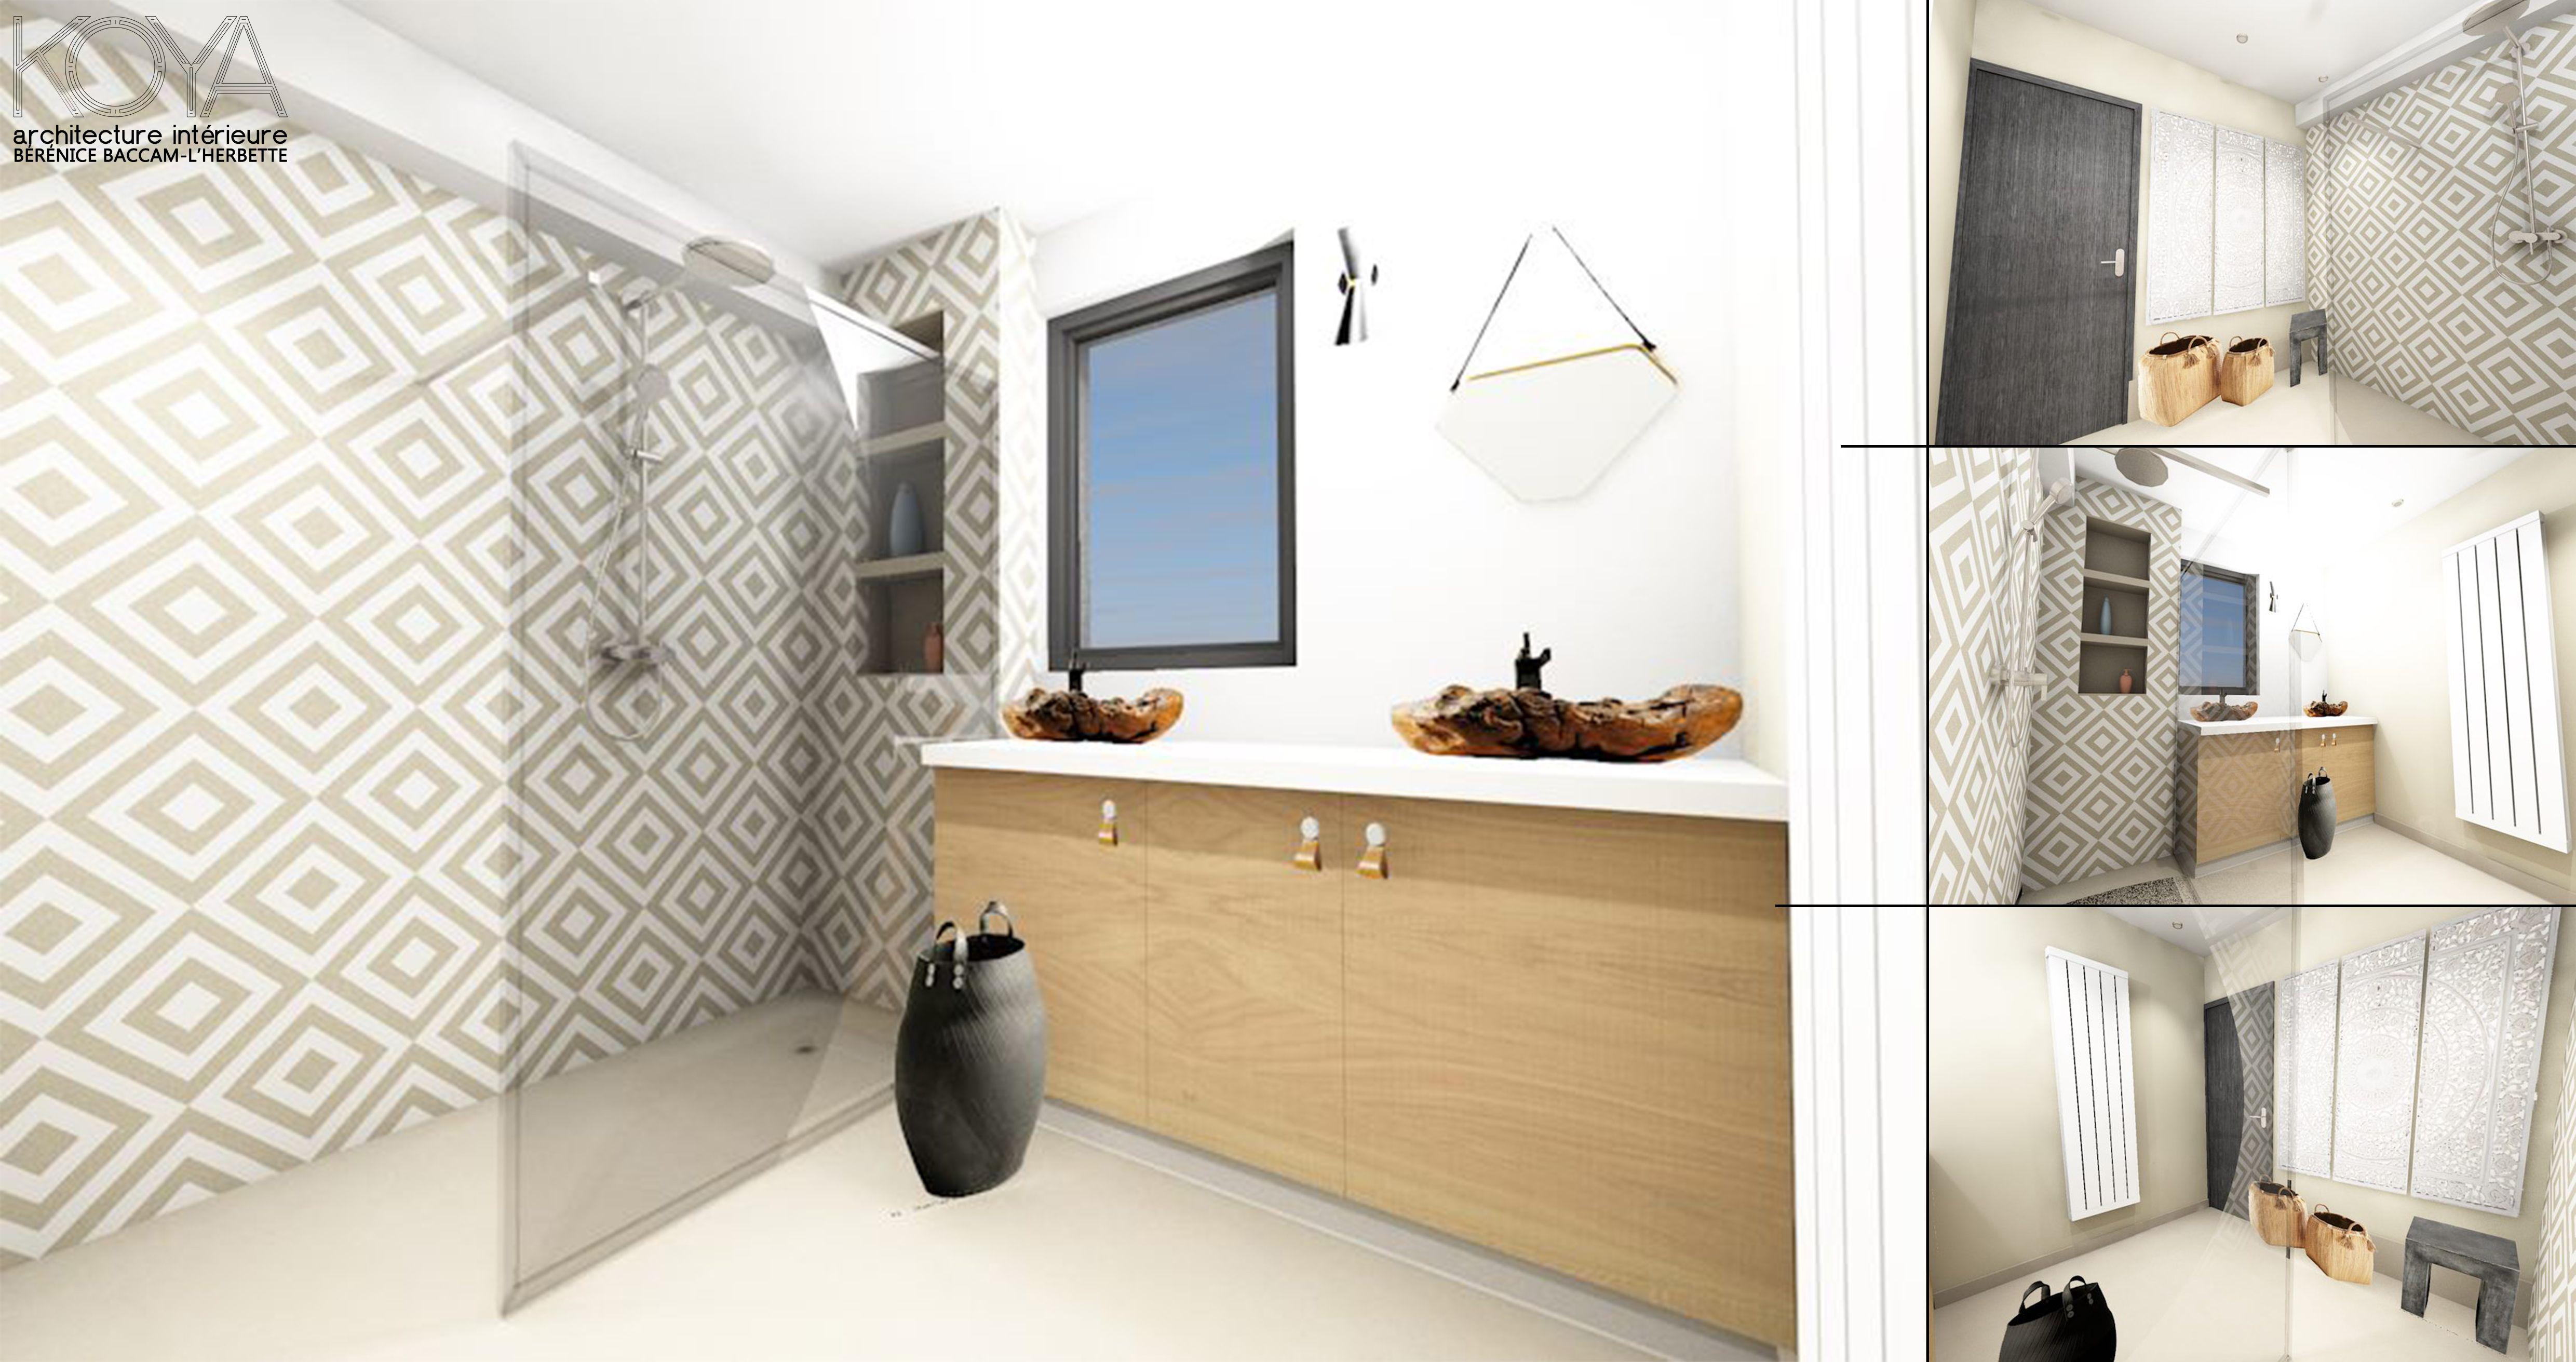 salle d 39 eau dans une d coration ethnique chic avec une grande douche l 39 italienne deux meubles. Black Bedroom Furniture Sets. Home Design Ideas